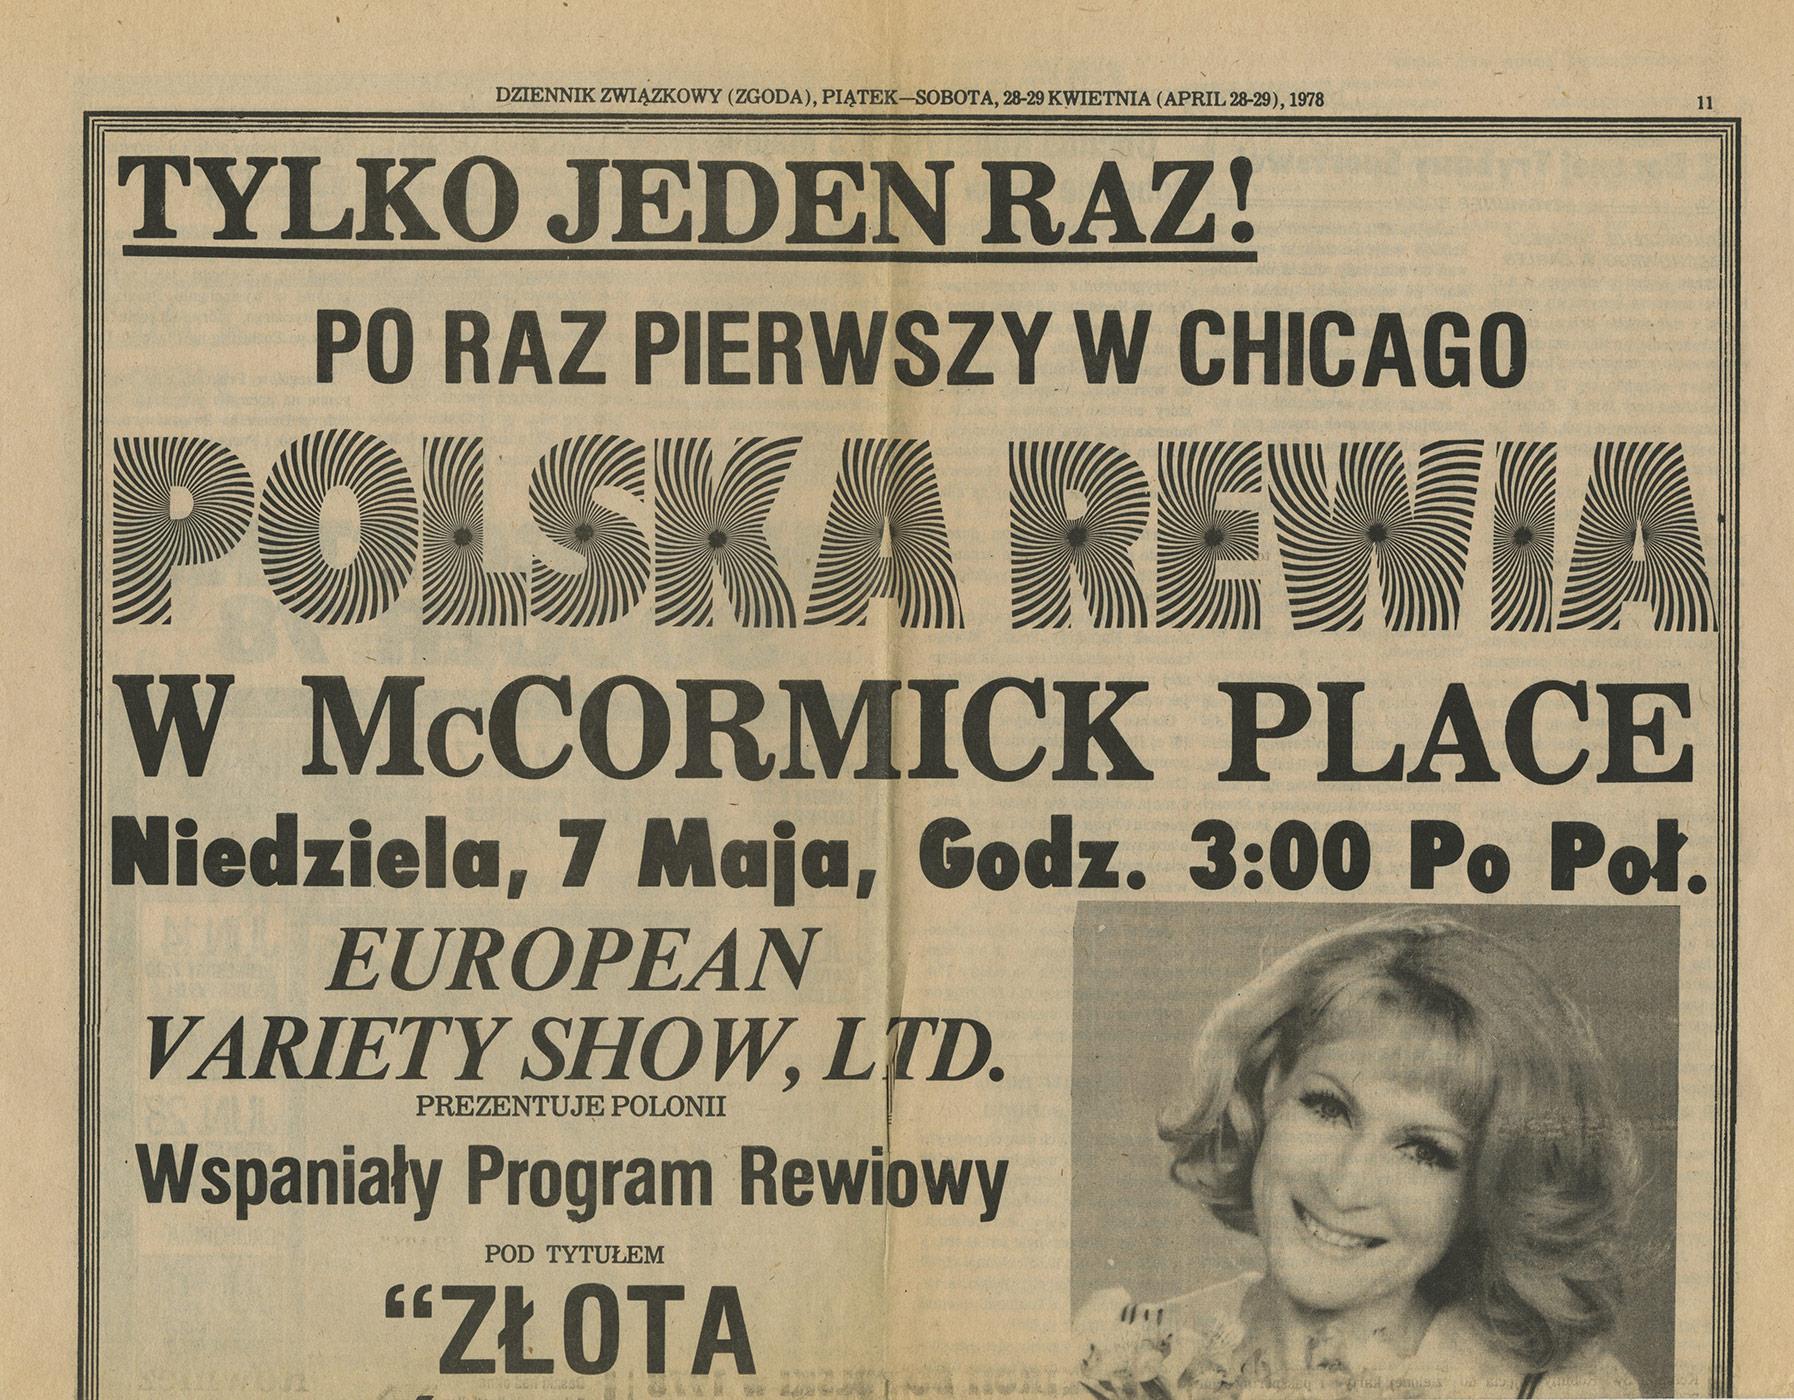 1969-1978_Dziennik_Zwiazkowy_1978_Polska_Rewia_Plakat_01